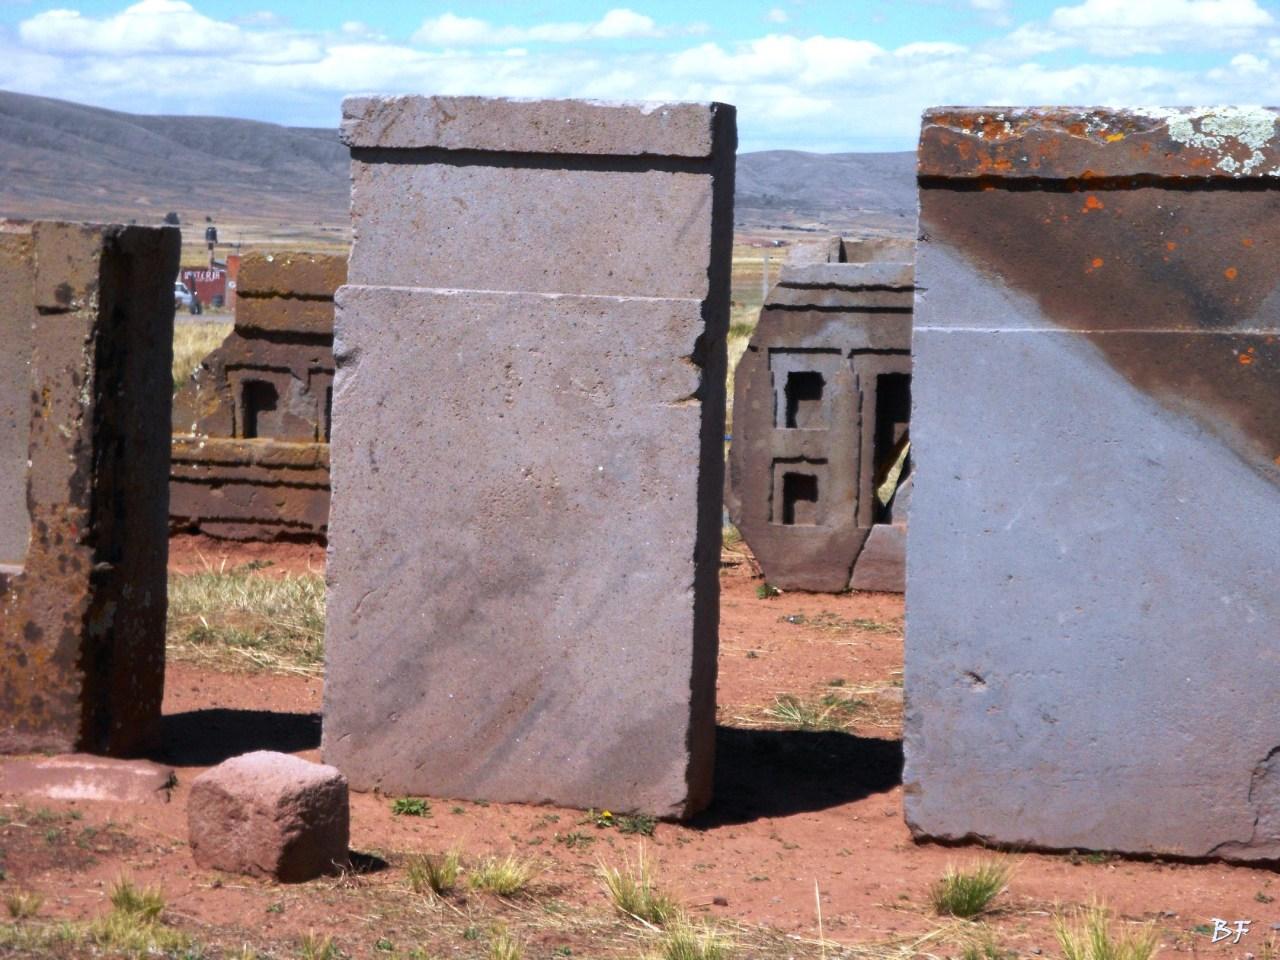 Puma-Punku-Area-Megalitica-Mura-Poligonali-Megaliti-Tiwanaku-Tiahuanaco-Bolivia-52